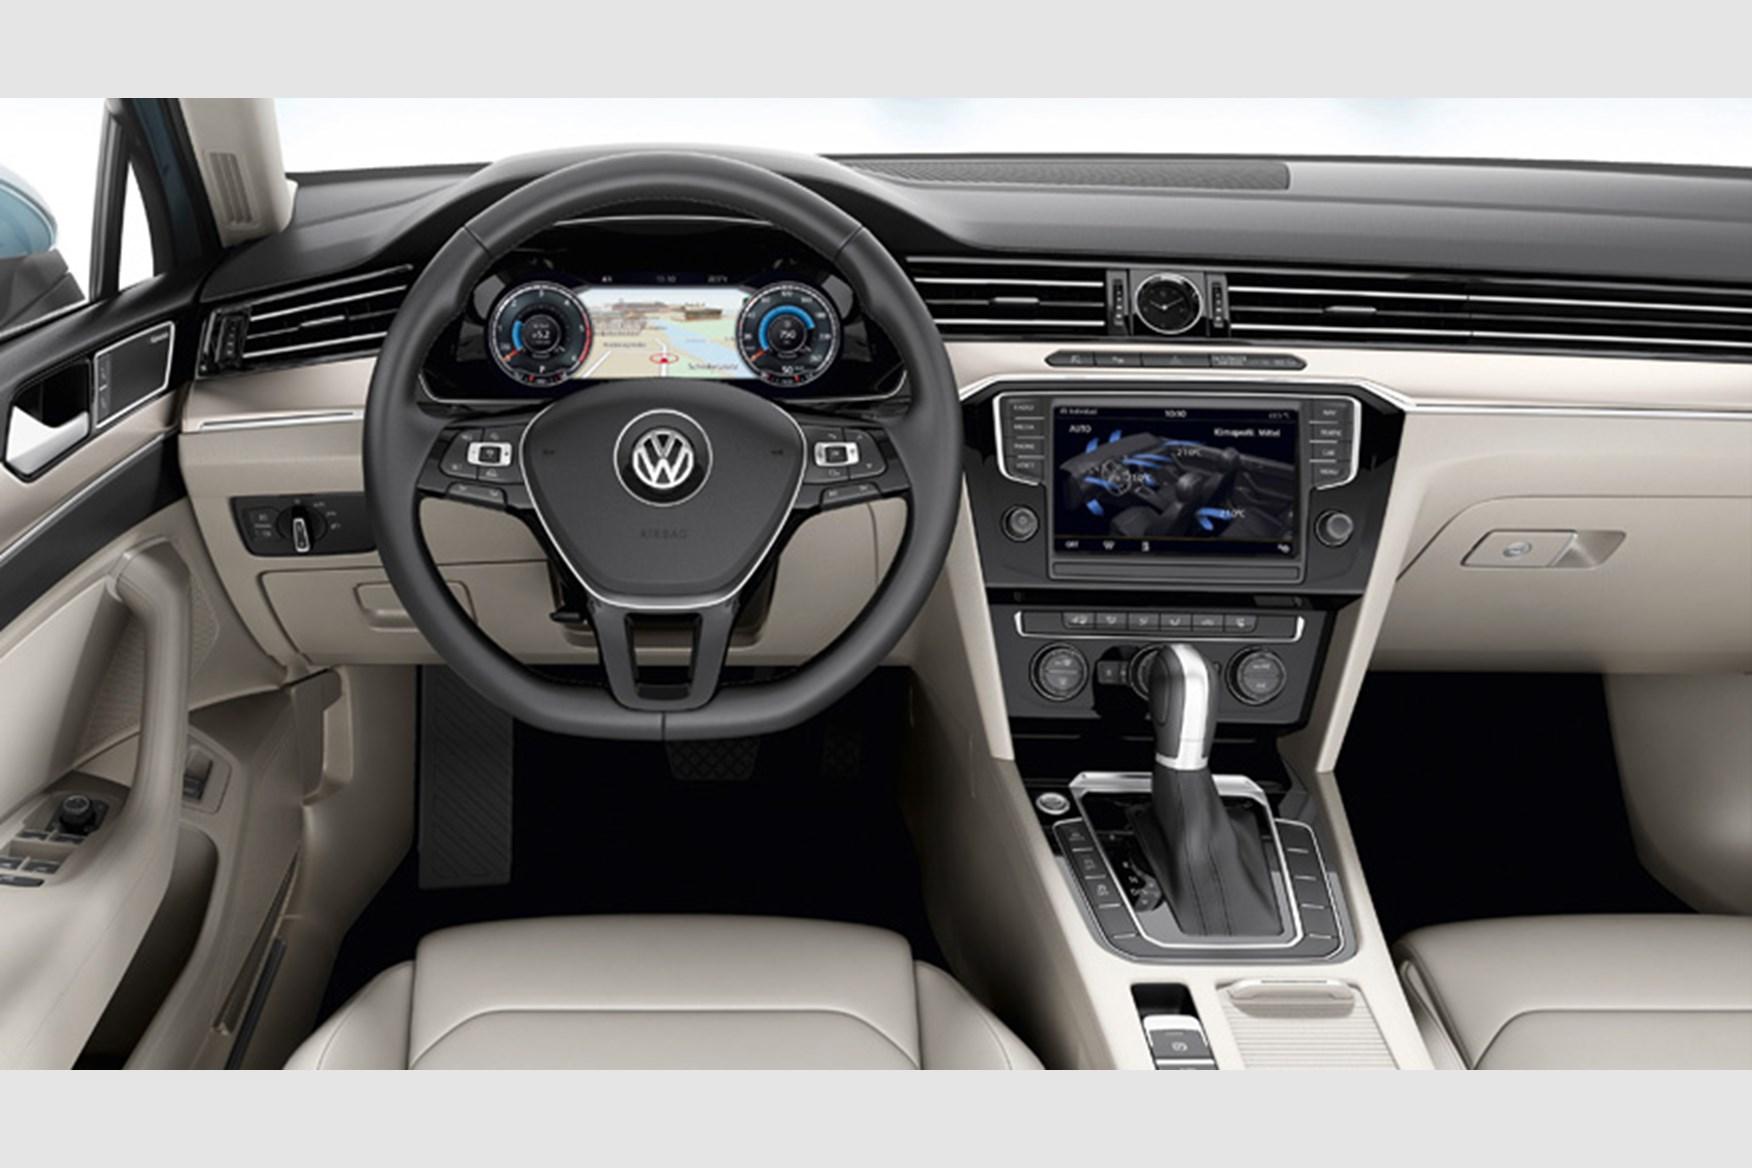 volkswagen passat 2014 interior. redesigned interior of 2014 vw passat volkswagen s